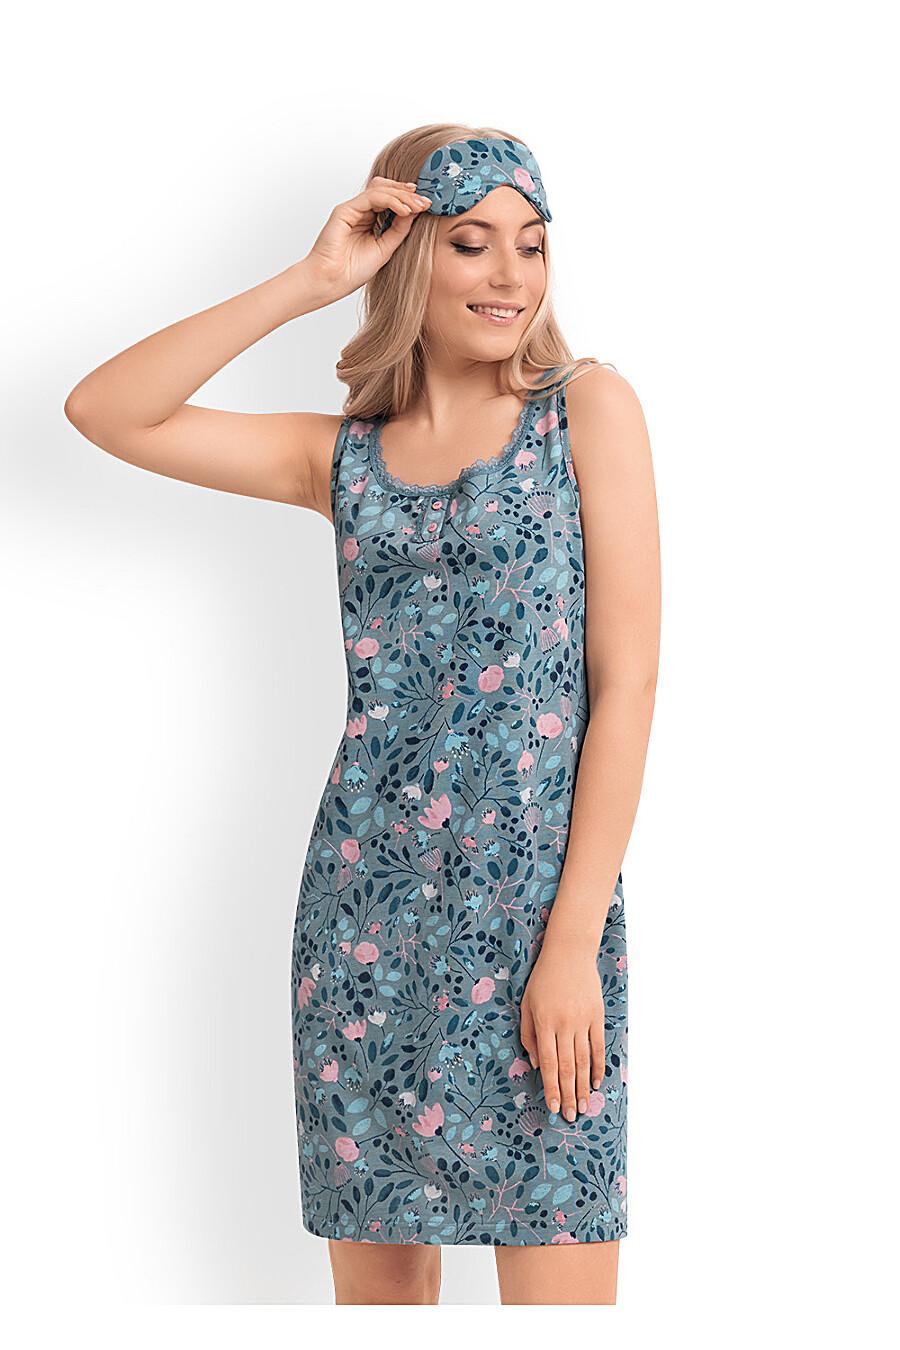 Сорочка для женщин CLEVER 169218 купить оптом от производителя. Совместная покупка женской одежды в OptMoyo